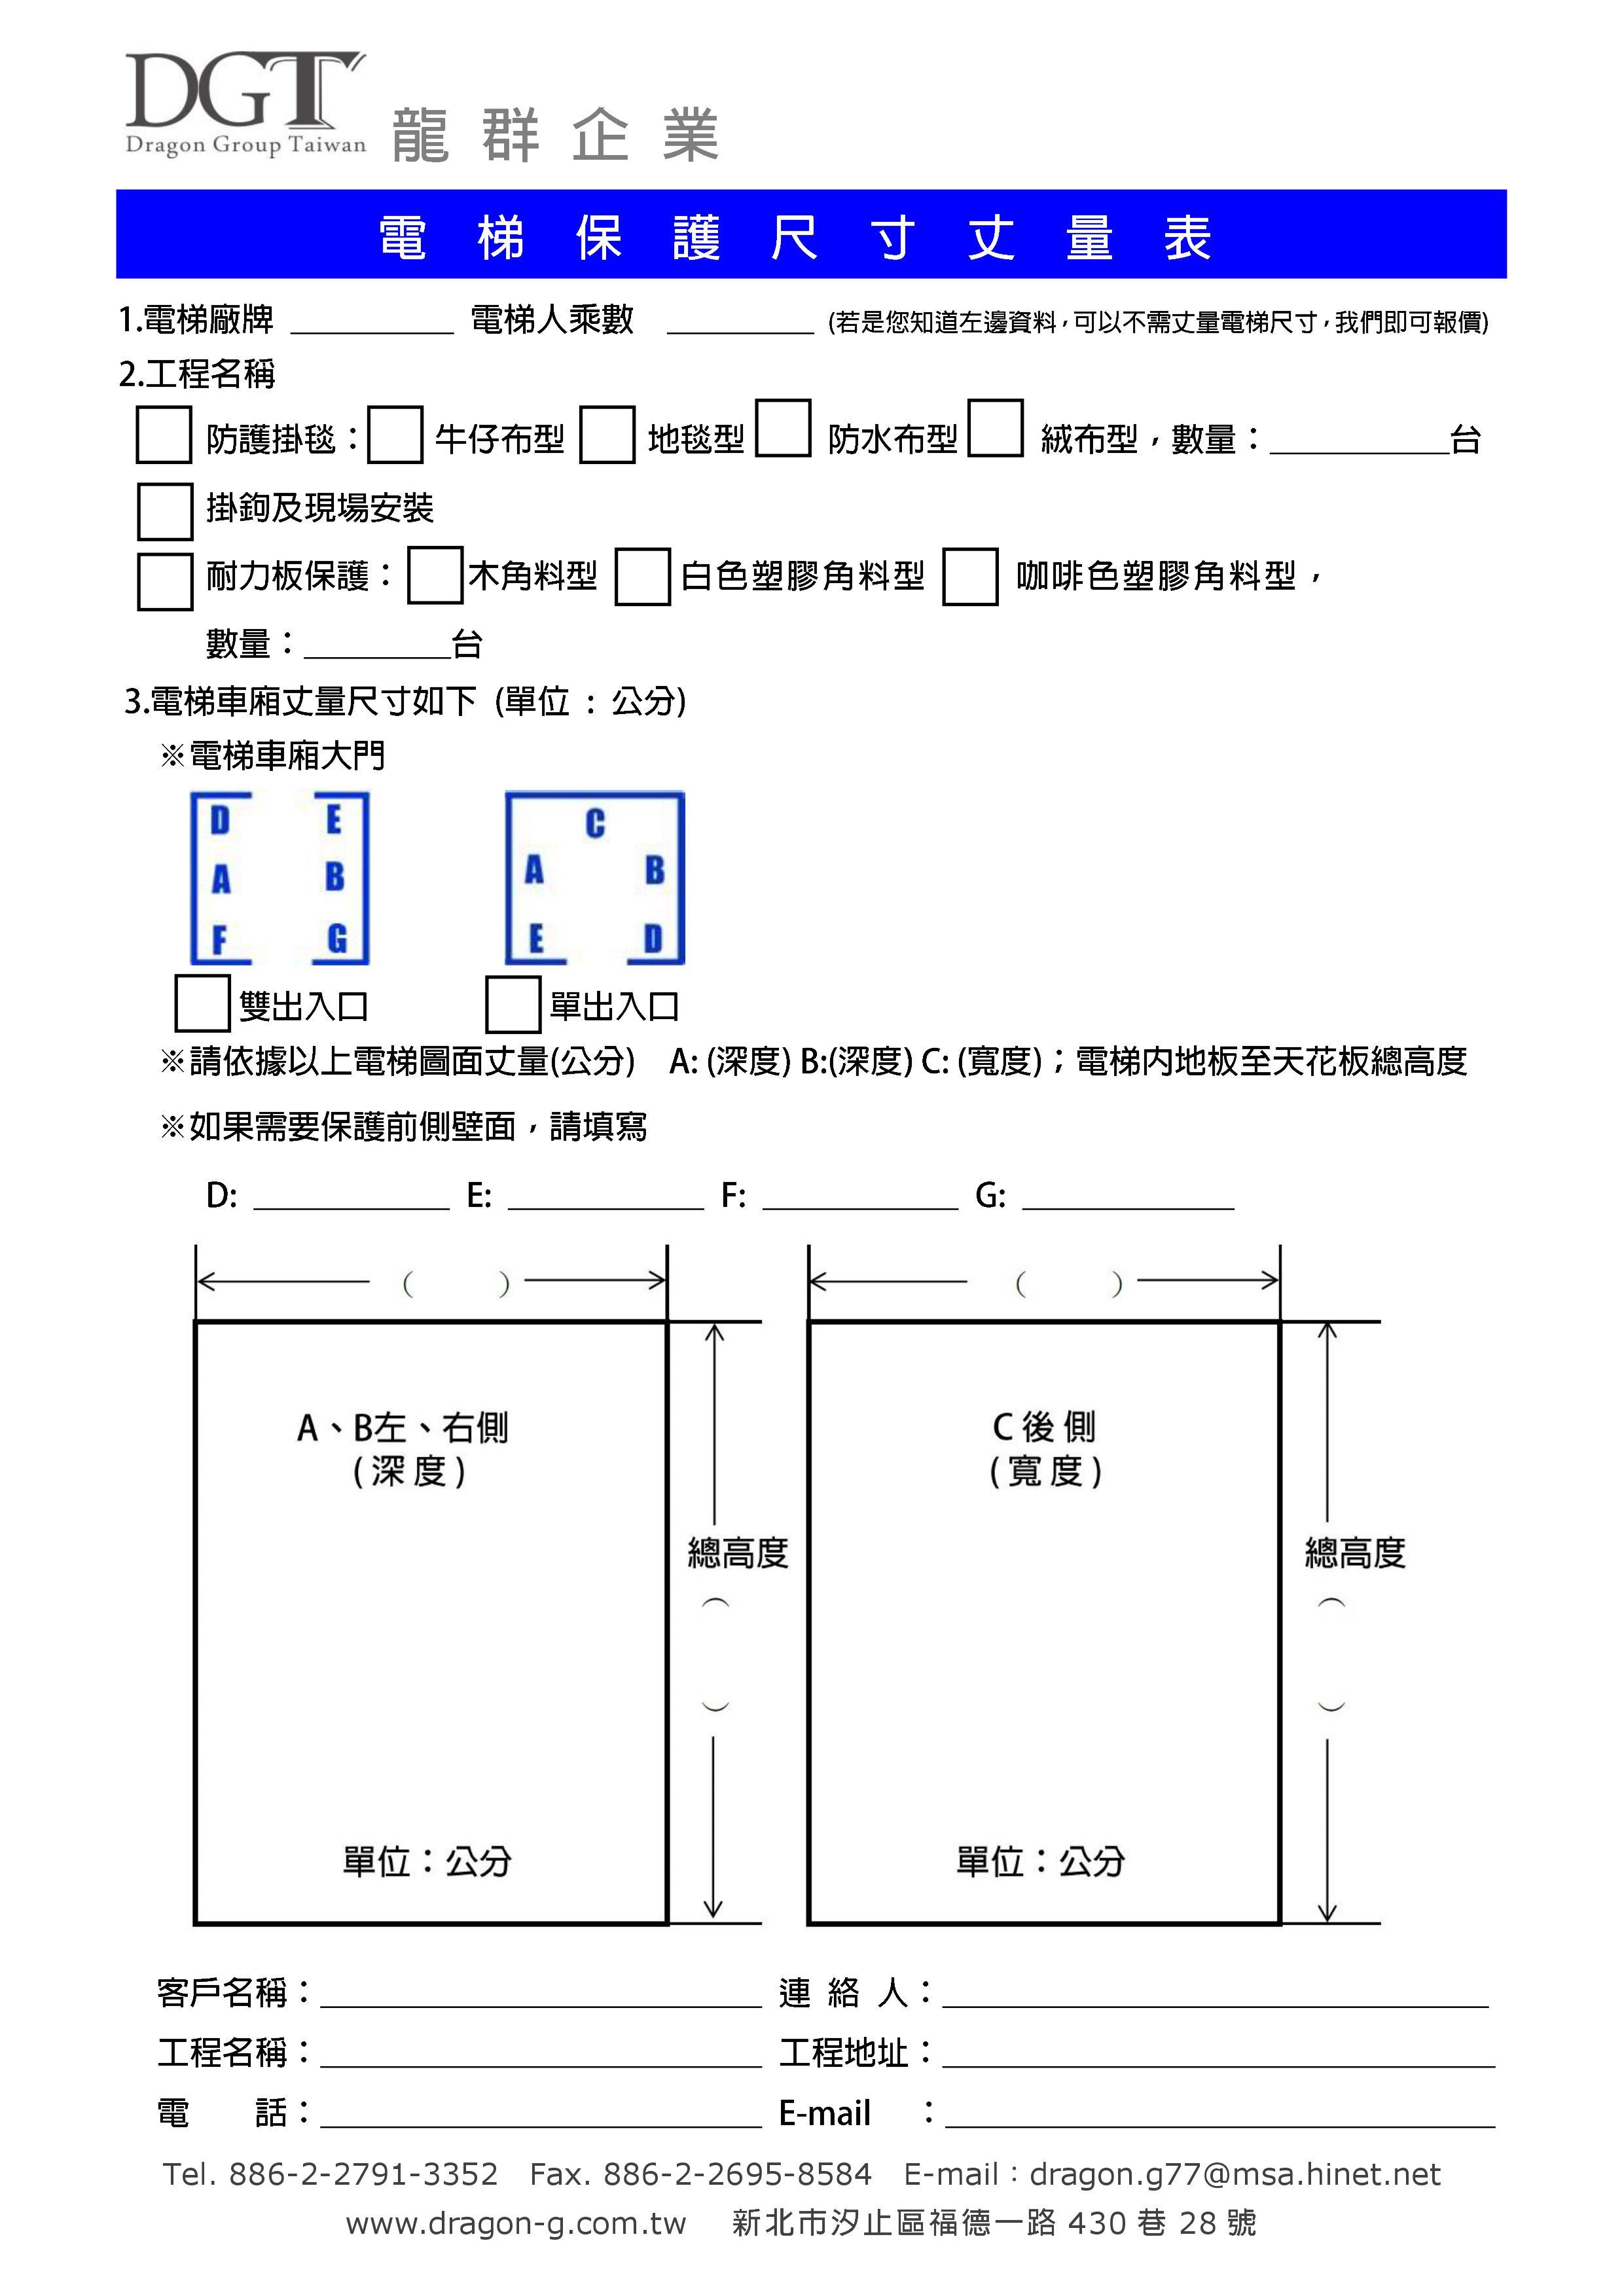 如何丈量電梯尺寸.jpg